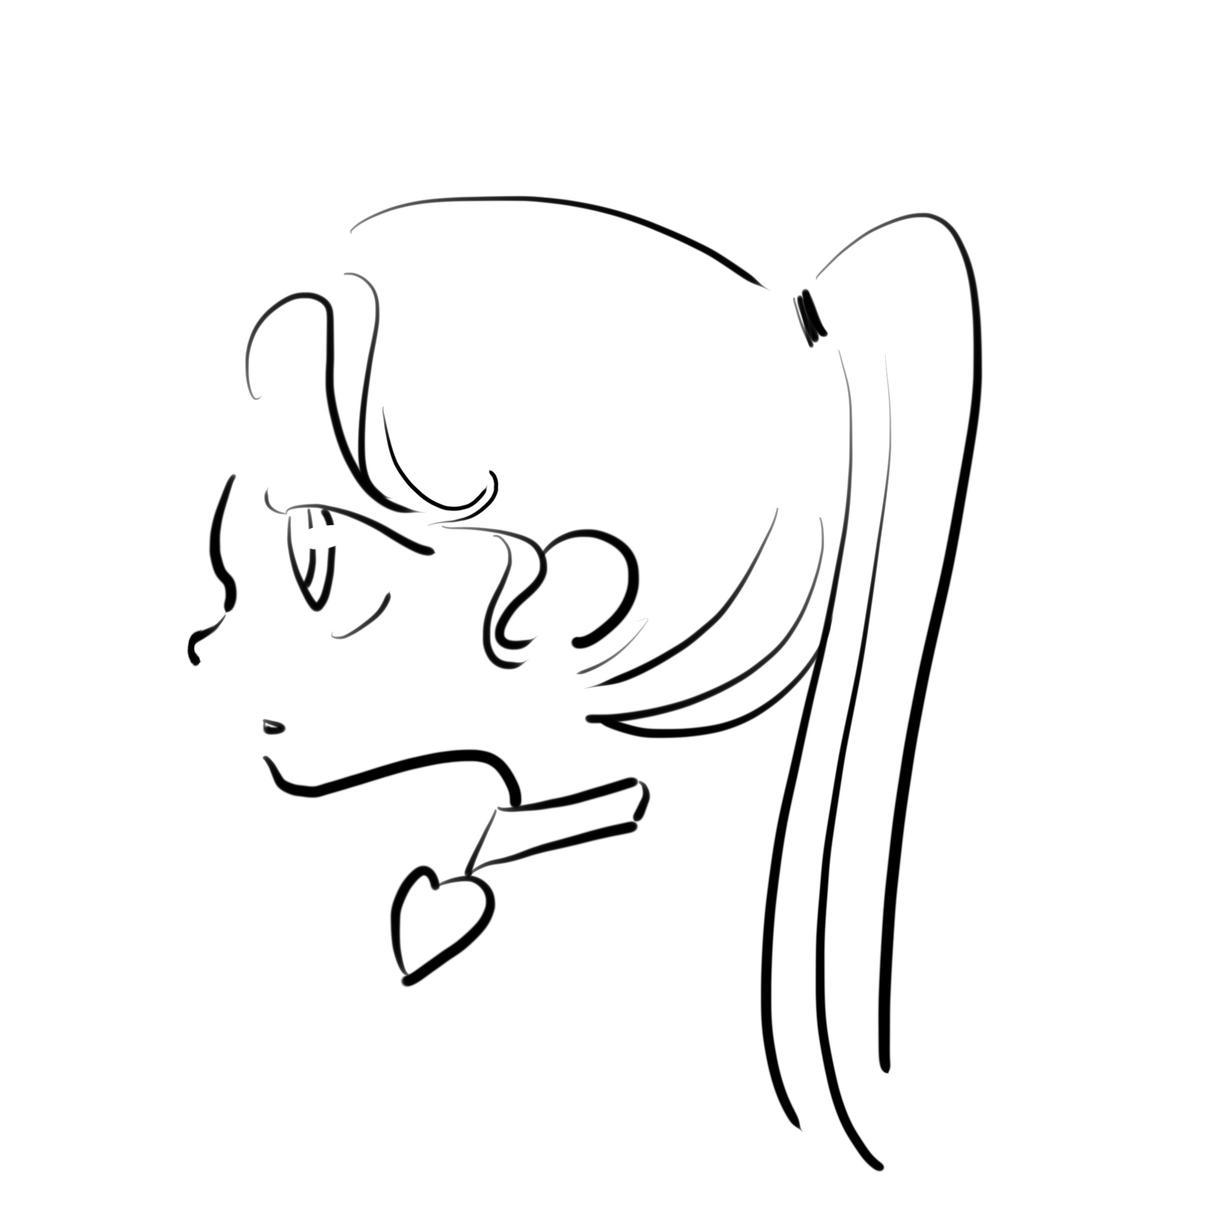 似顔絵、アイコン用のイラストをお描きします ポップな似顔絵をお描きしています